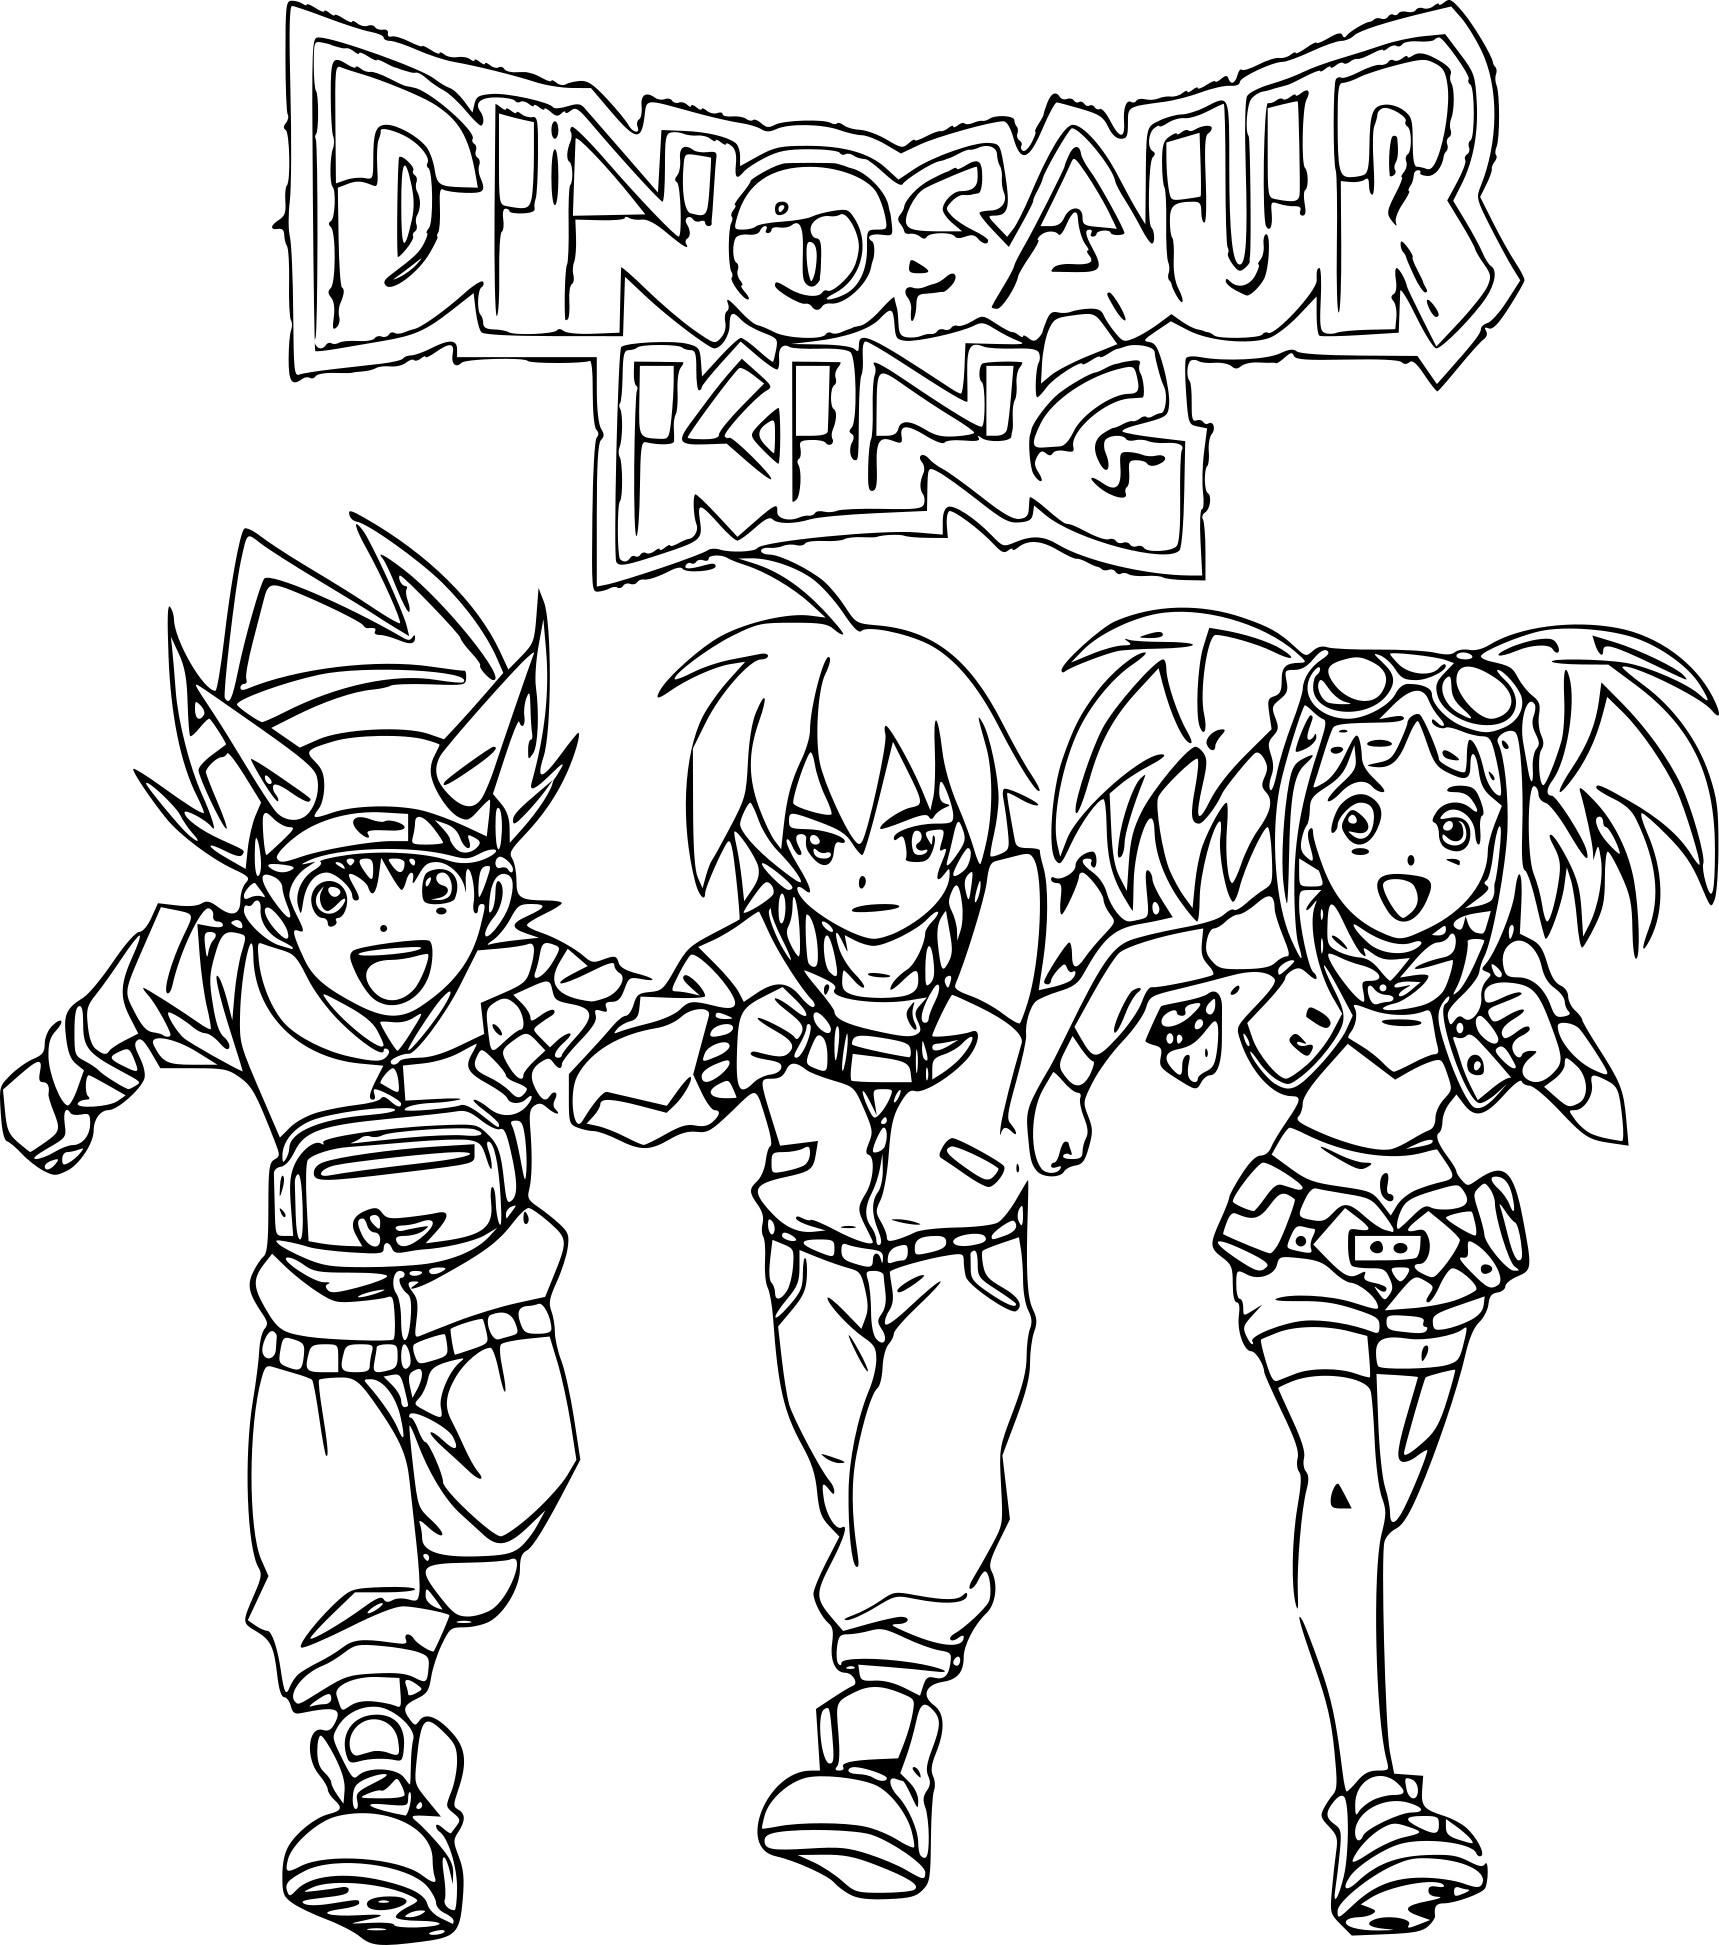 Impressionnant Dessin A Colorier Dinosaure King destiné Jeux De Dino King